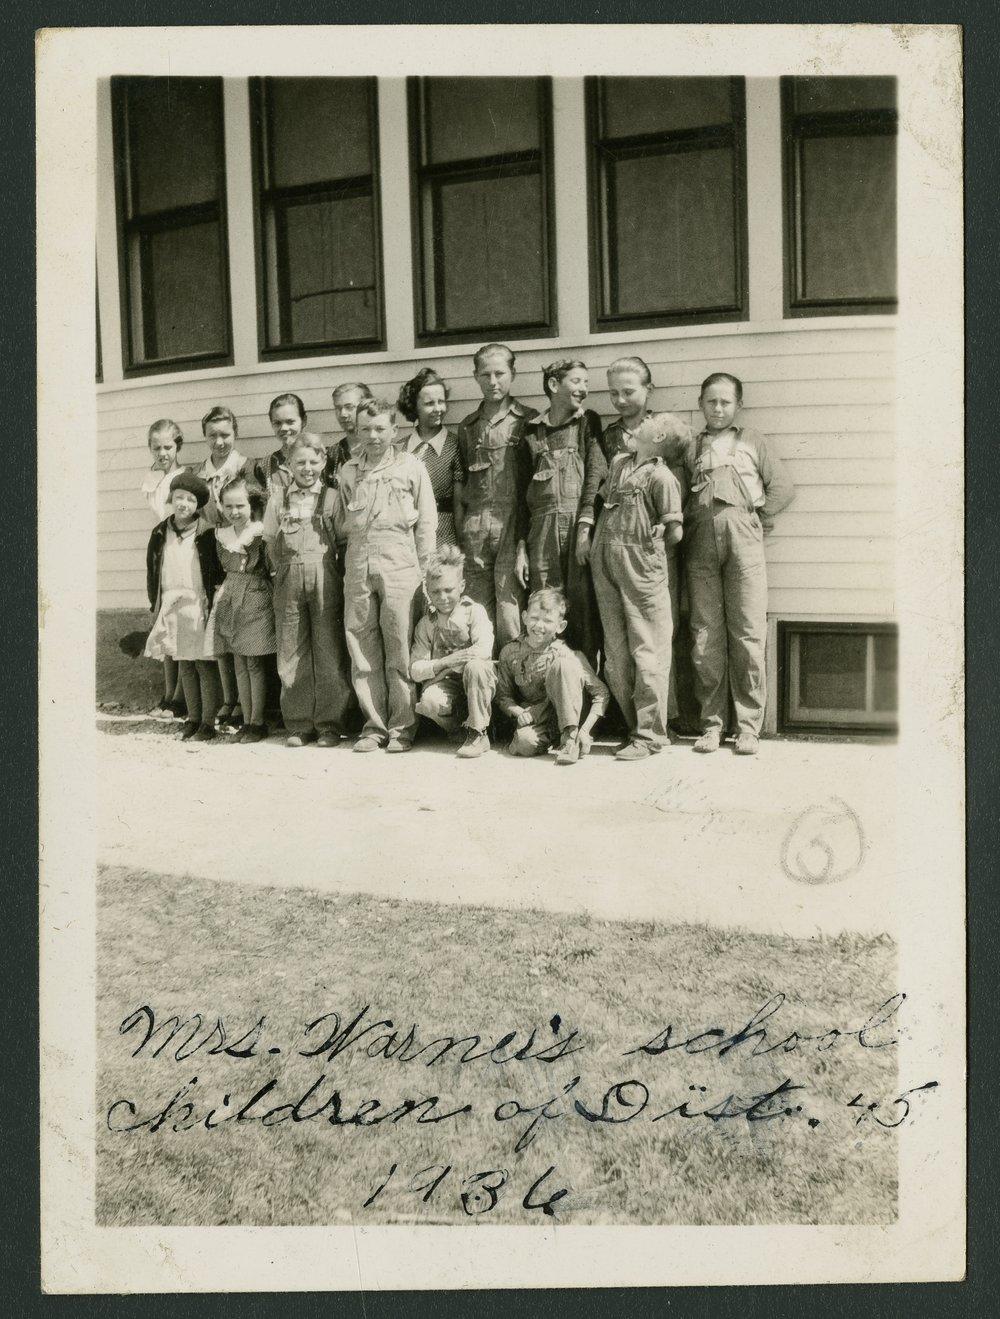 School children at Cloud County rural school District 45 - 1